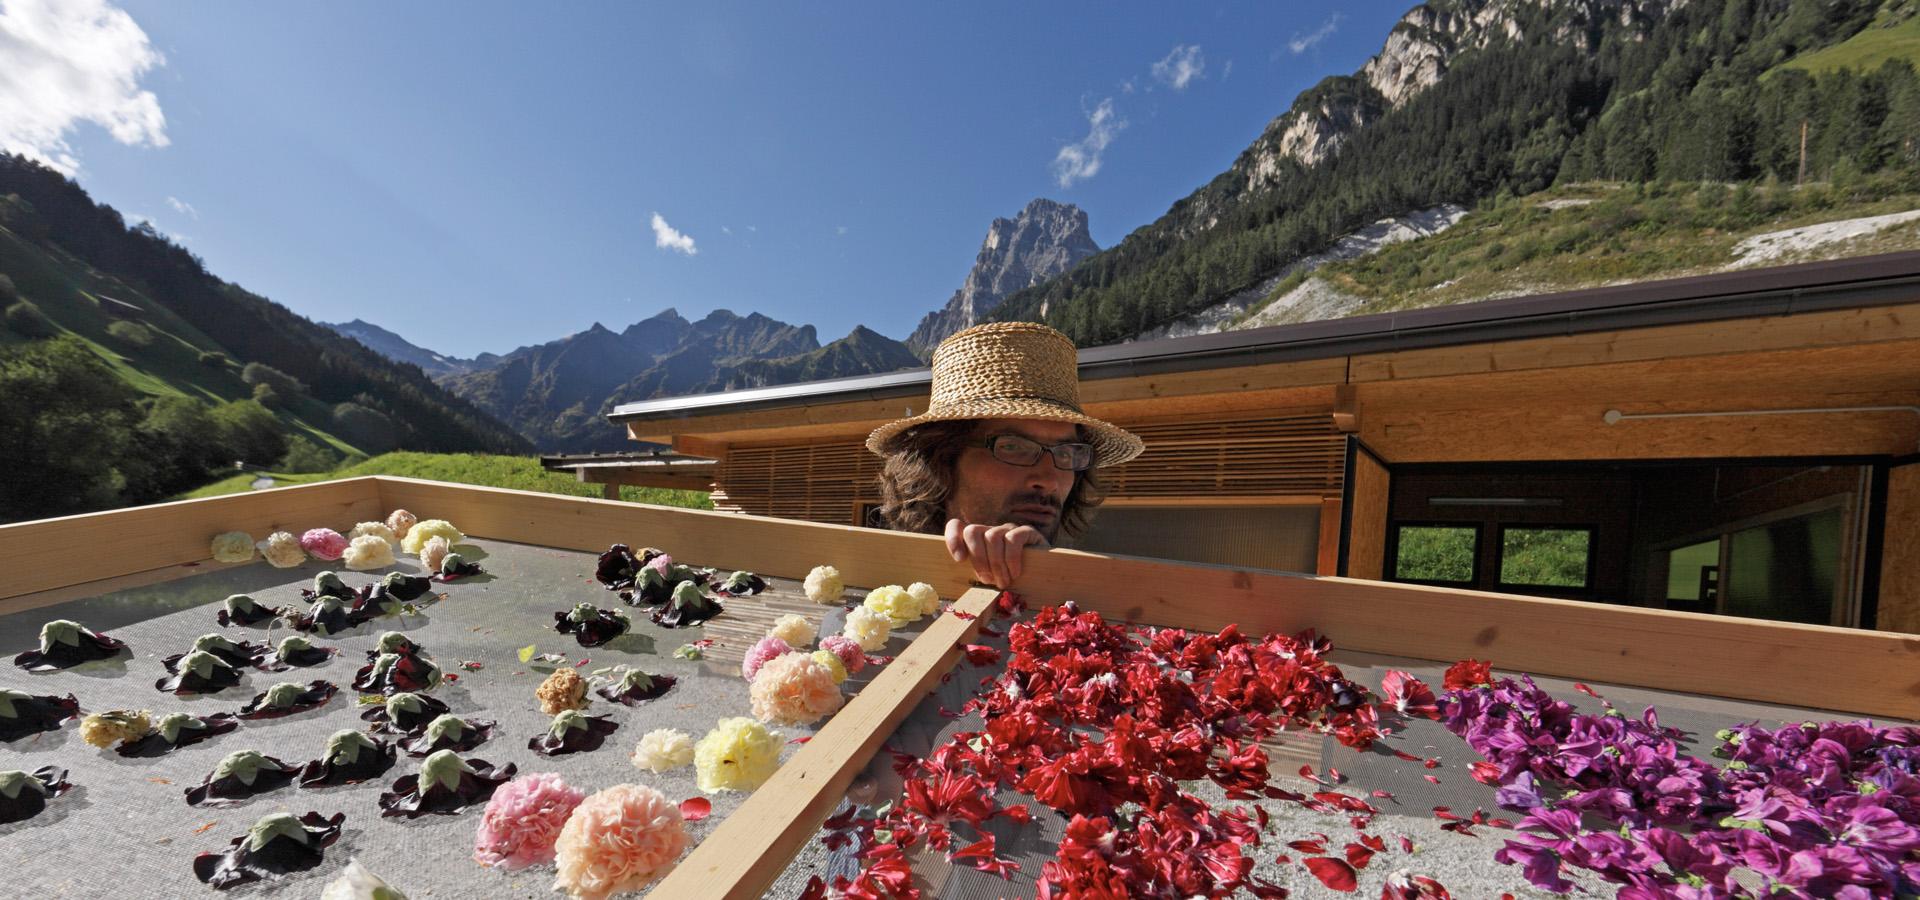 Vipiteno: un itinerario tra yogurt, erbe aromatiche e sapori di montagna